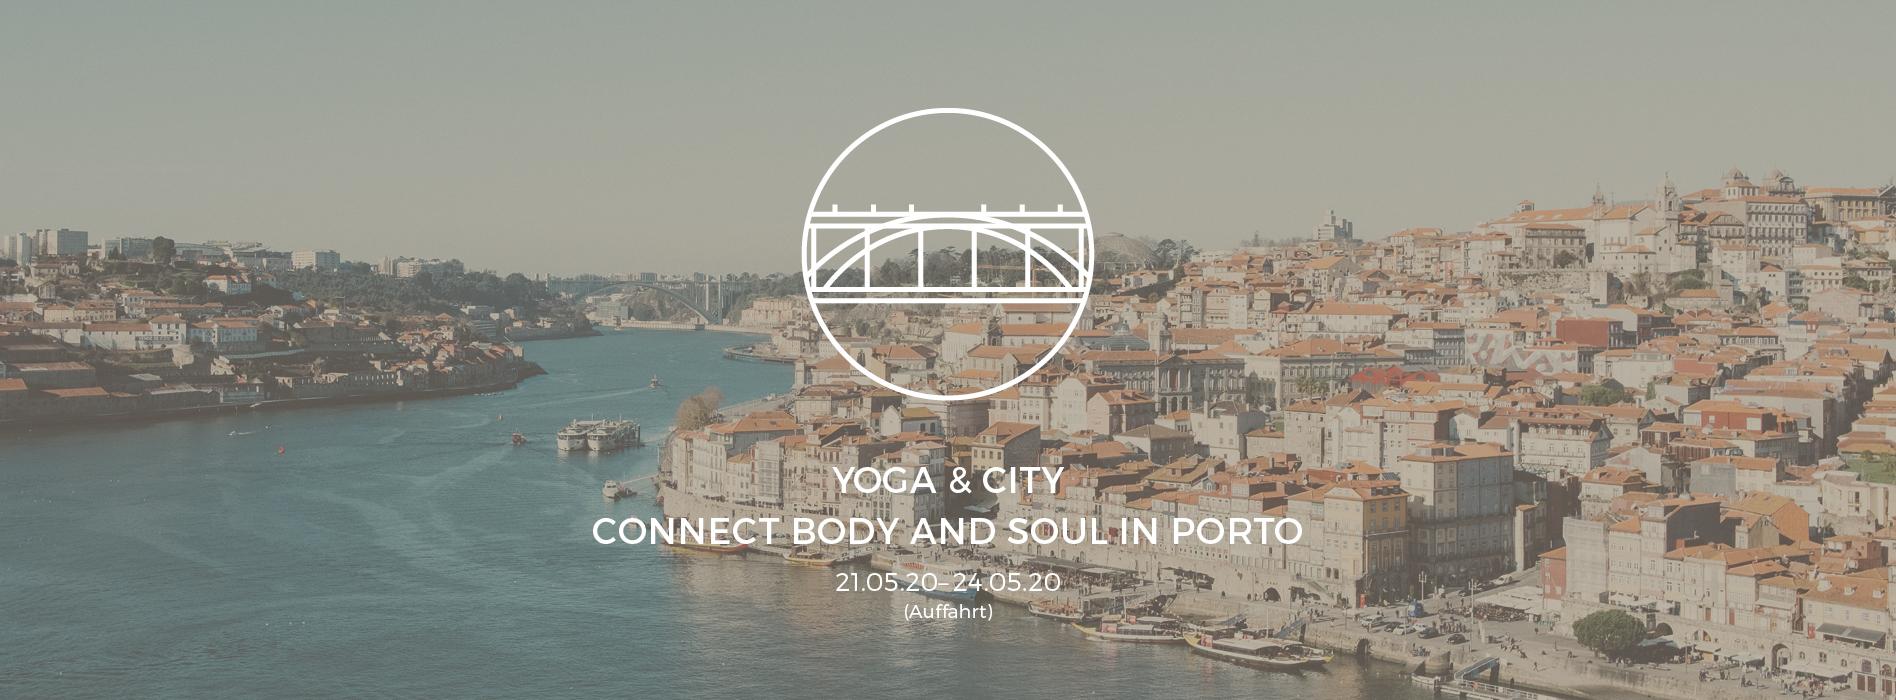 Yogaferien Yogaretreat Portugal Yoga an Auffahrt